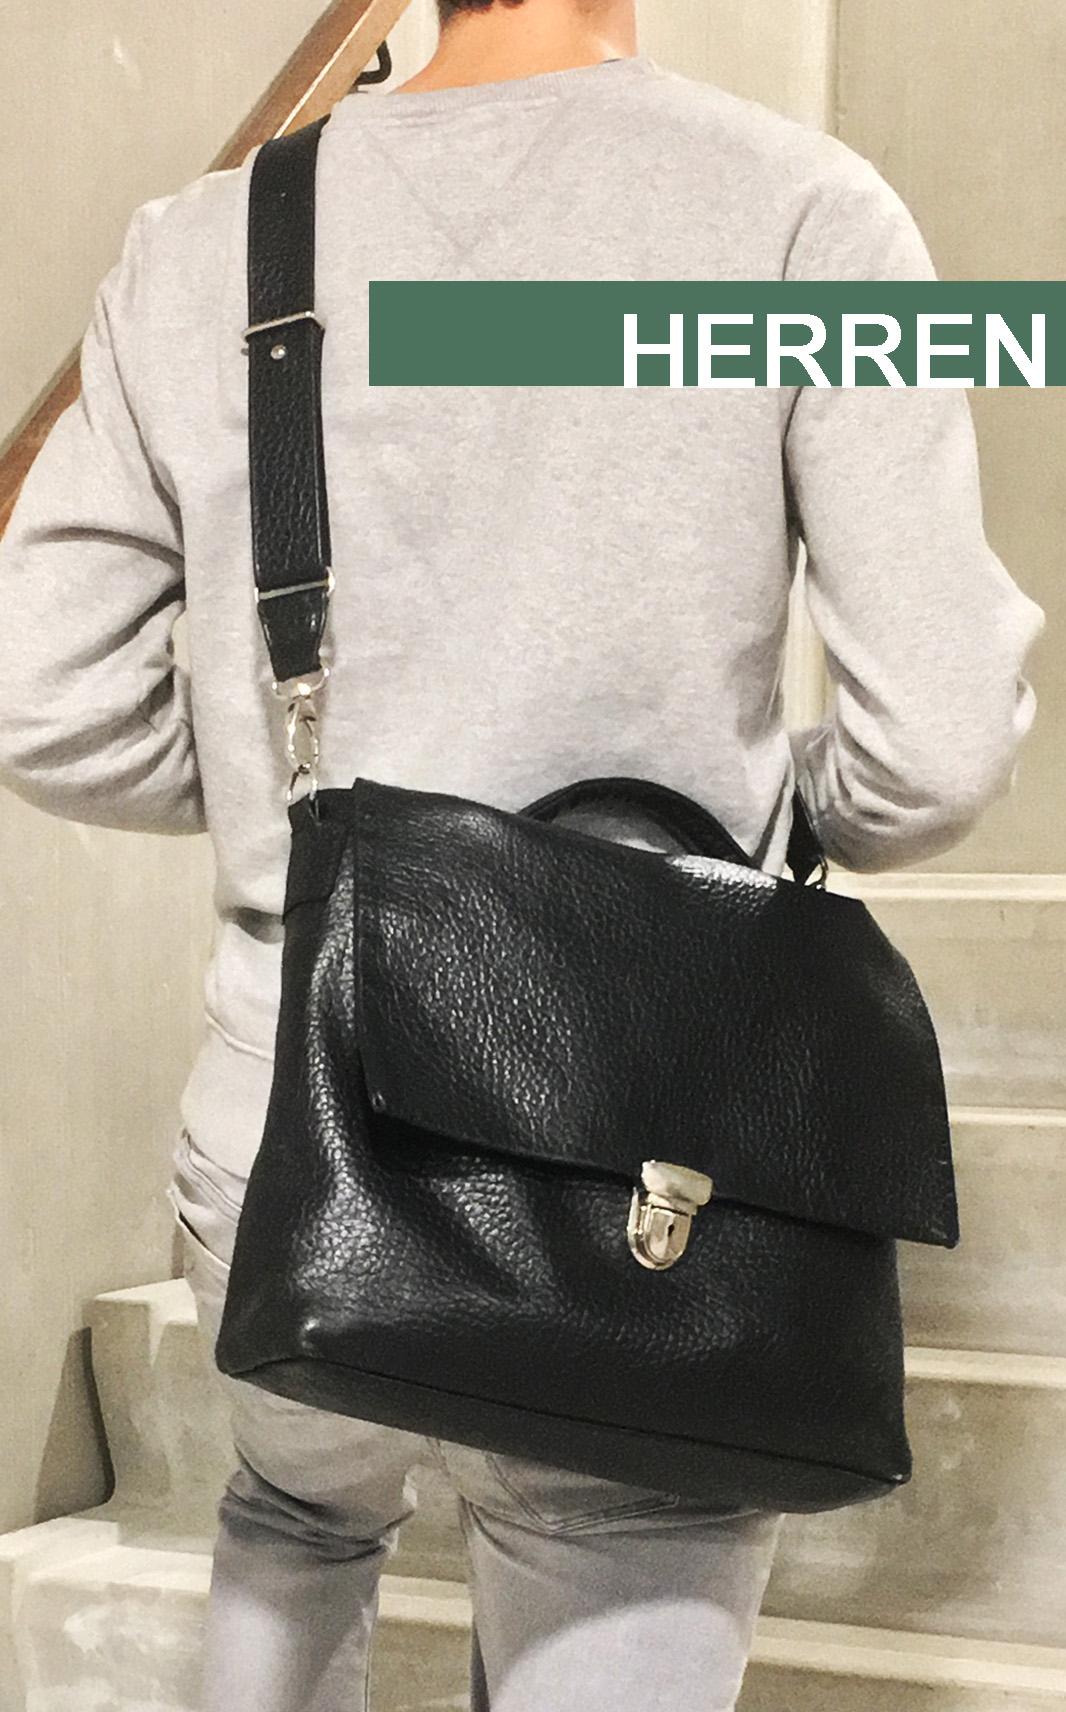 cec98f6dd2663 Damentaschen Leder Frühjahr Sommer 2019 Taschen und Rucksäcke aus Leder und  Nylon für Herren ...